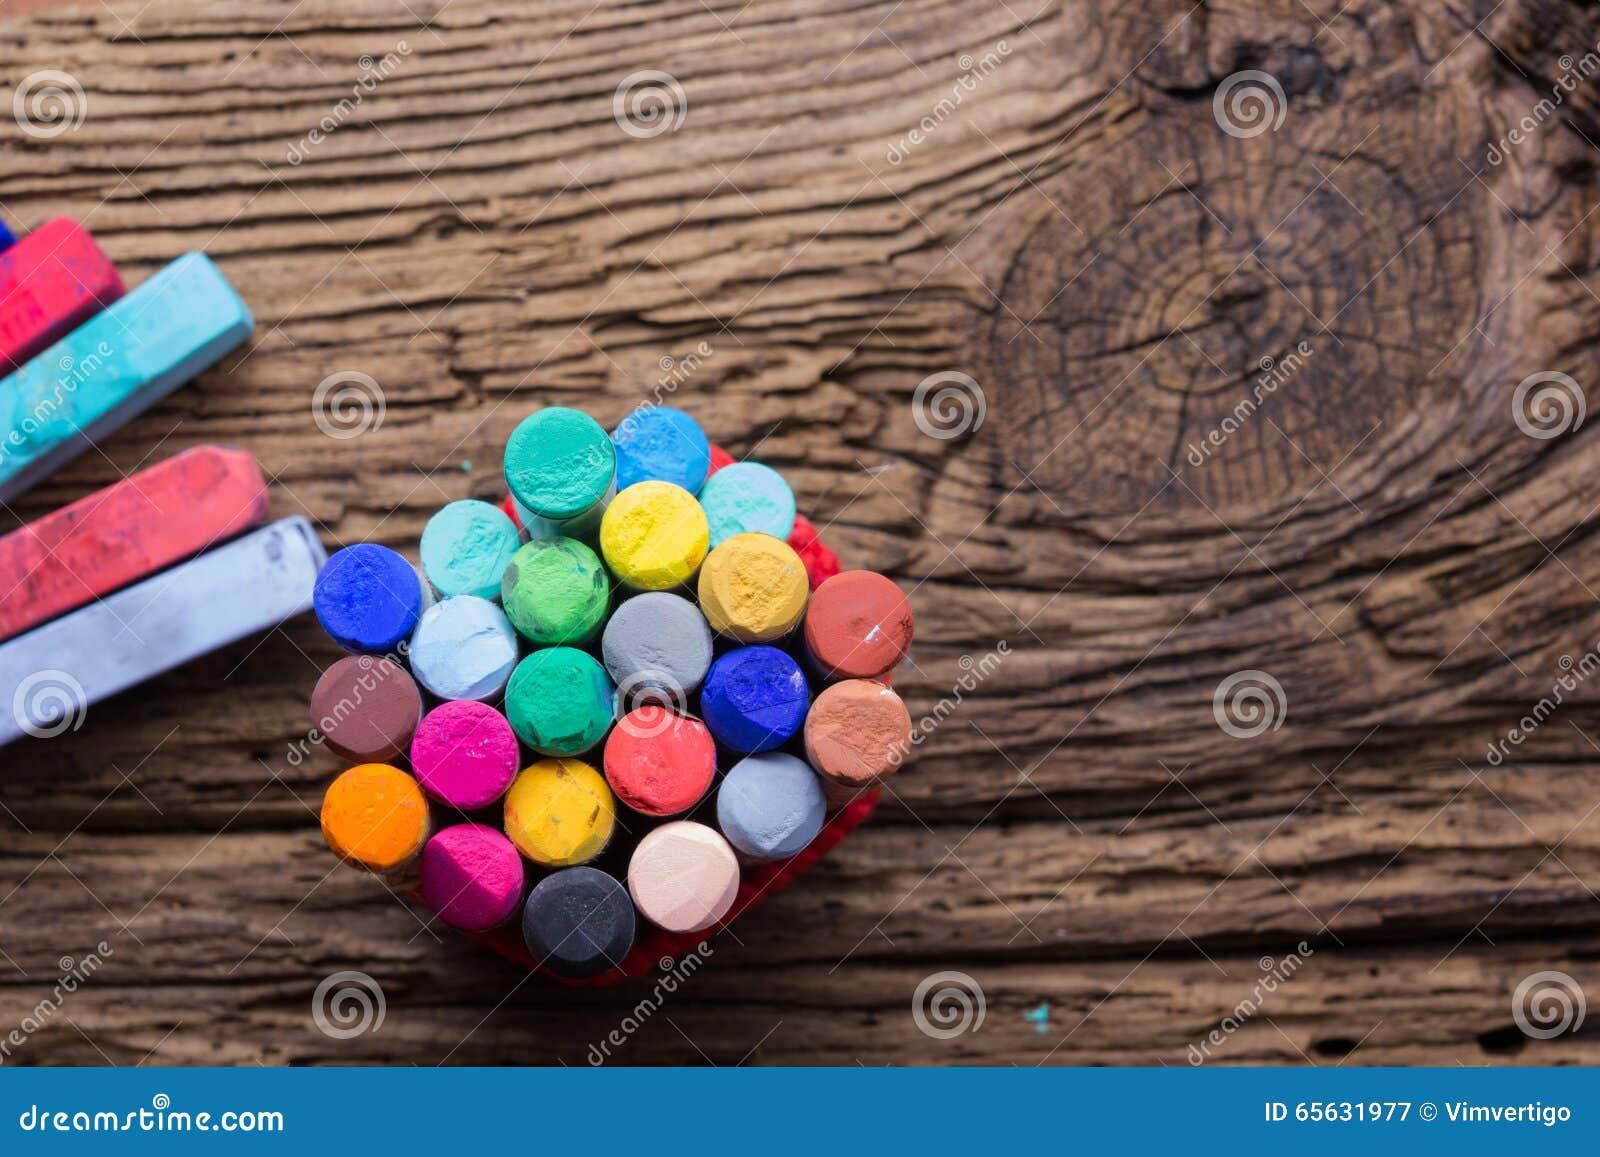 Les crayons et le colorant en pastel époussettent sur le vieux fond en bois